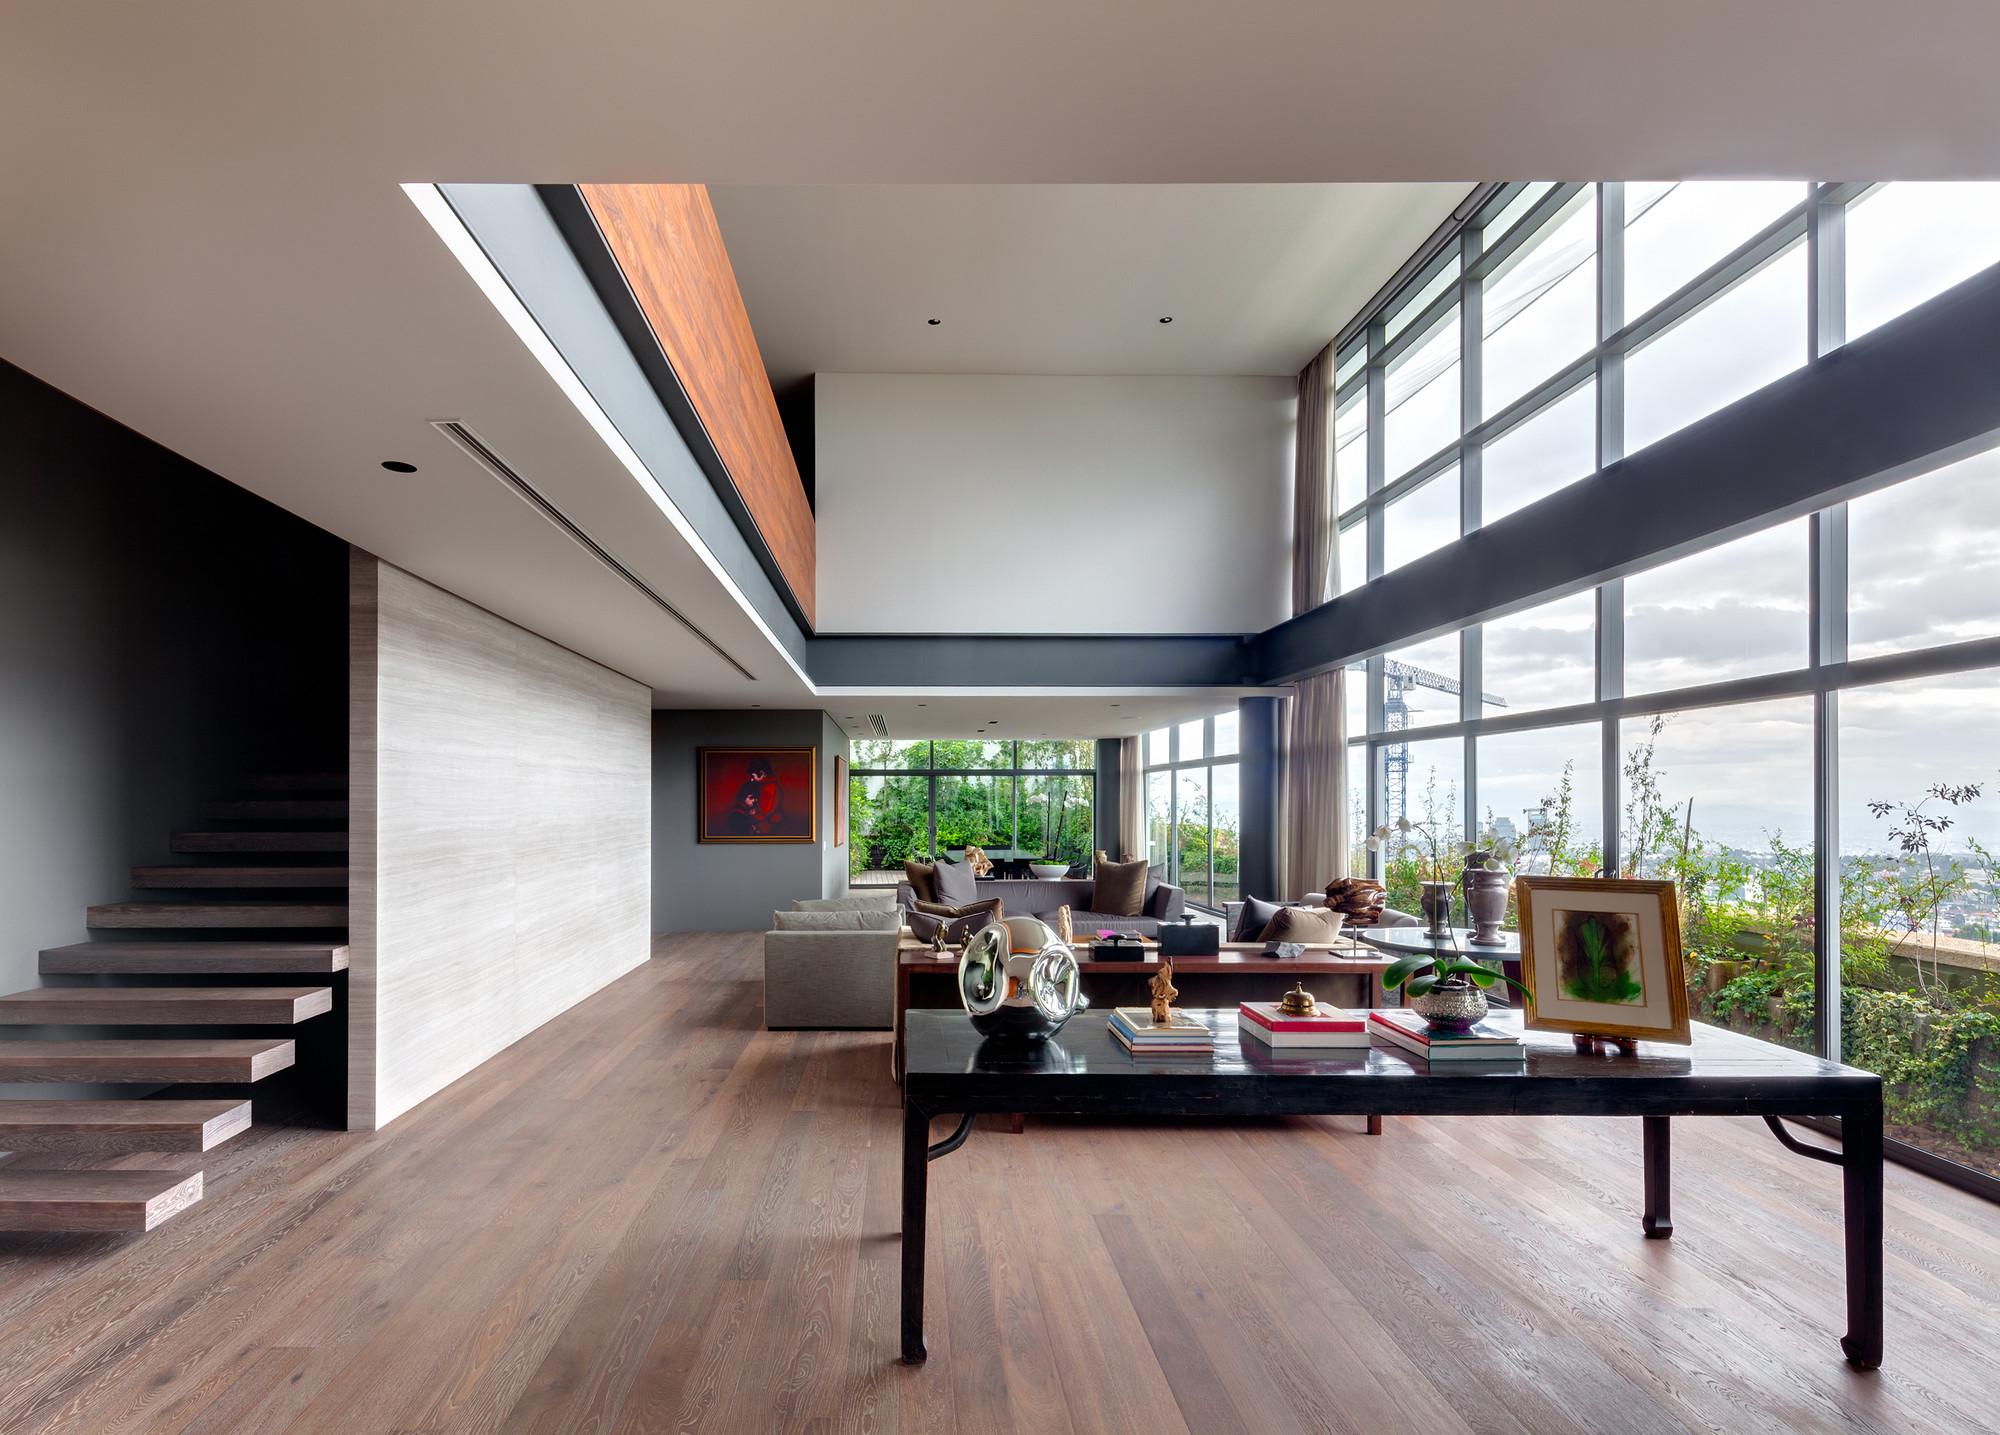 Apartament P1 / MAP/MX, © Rafael Gamo